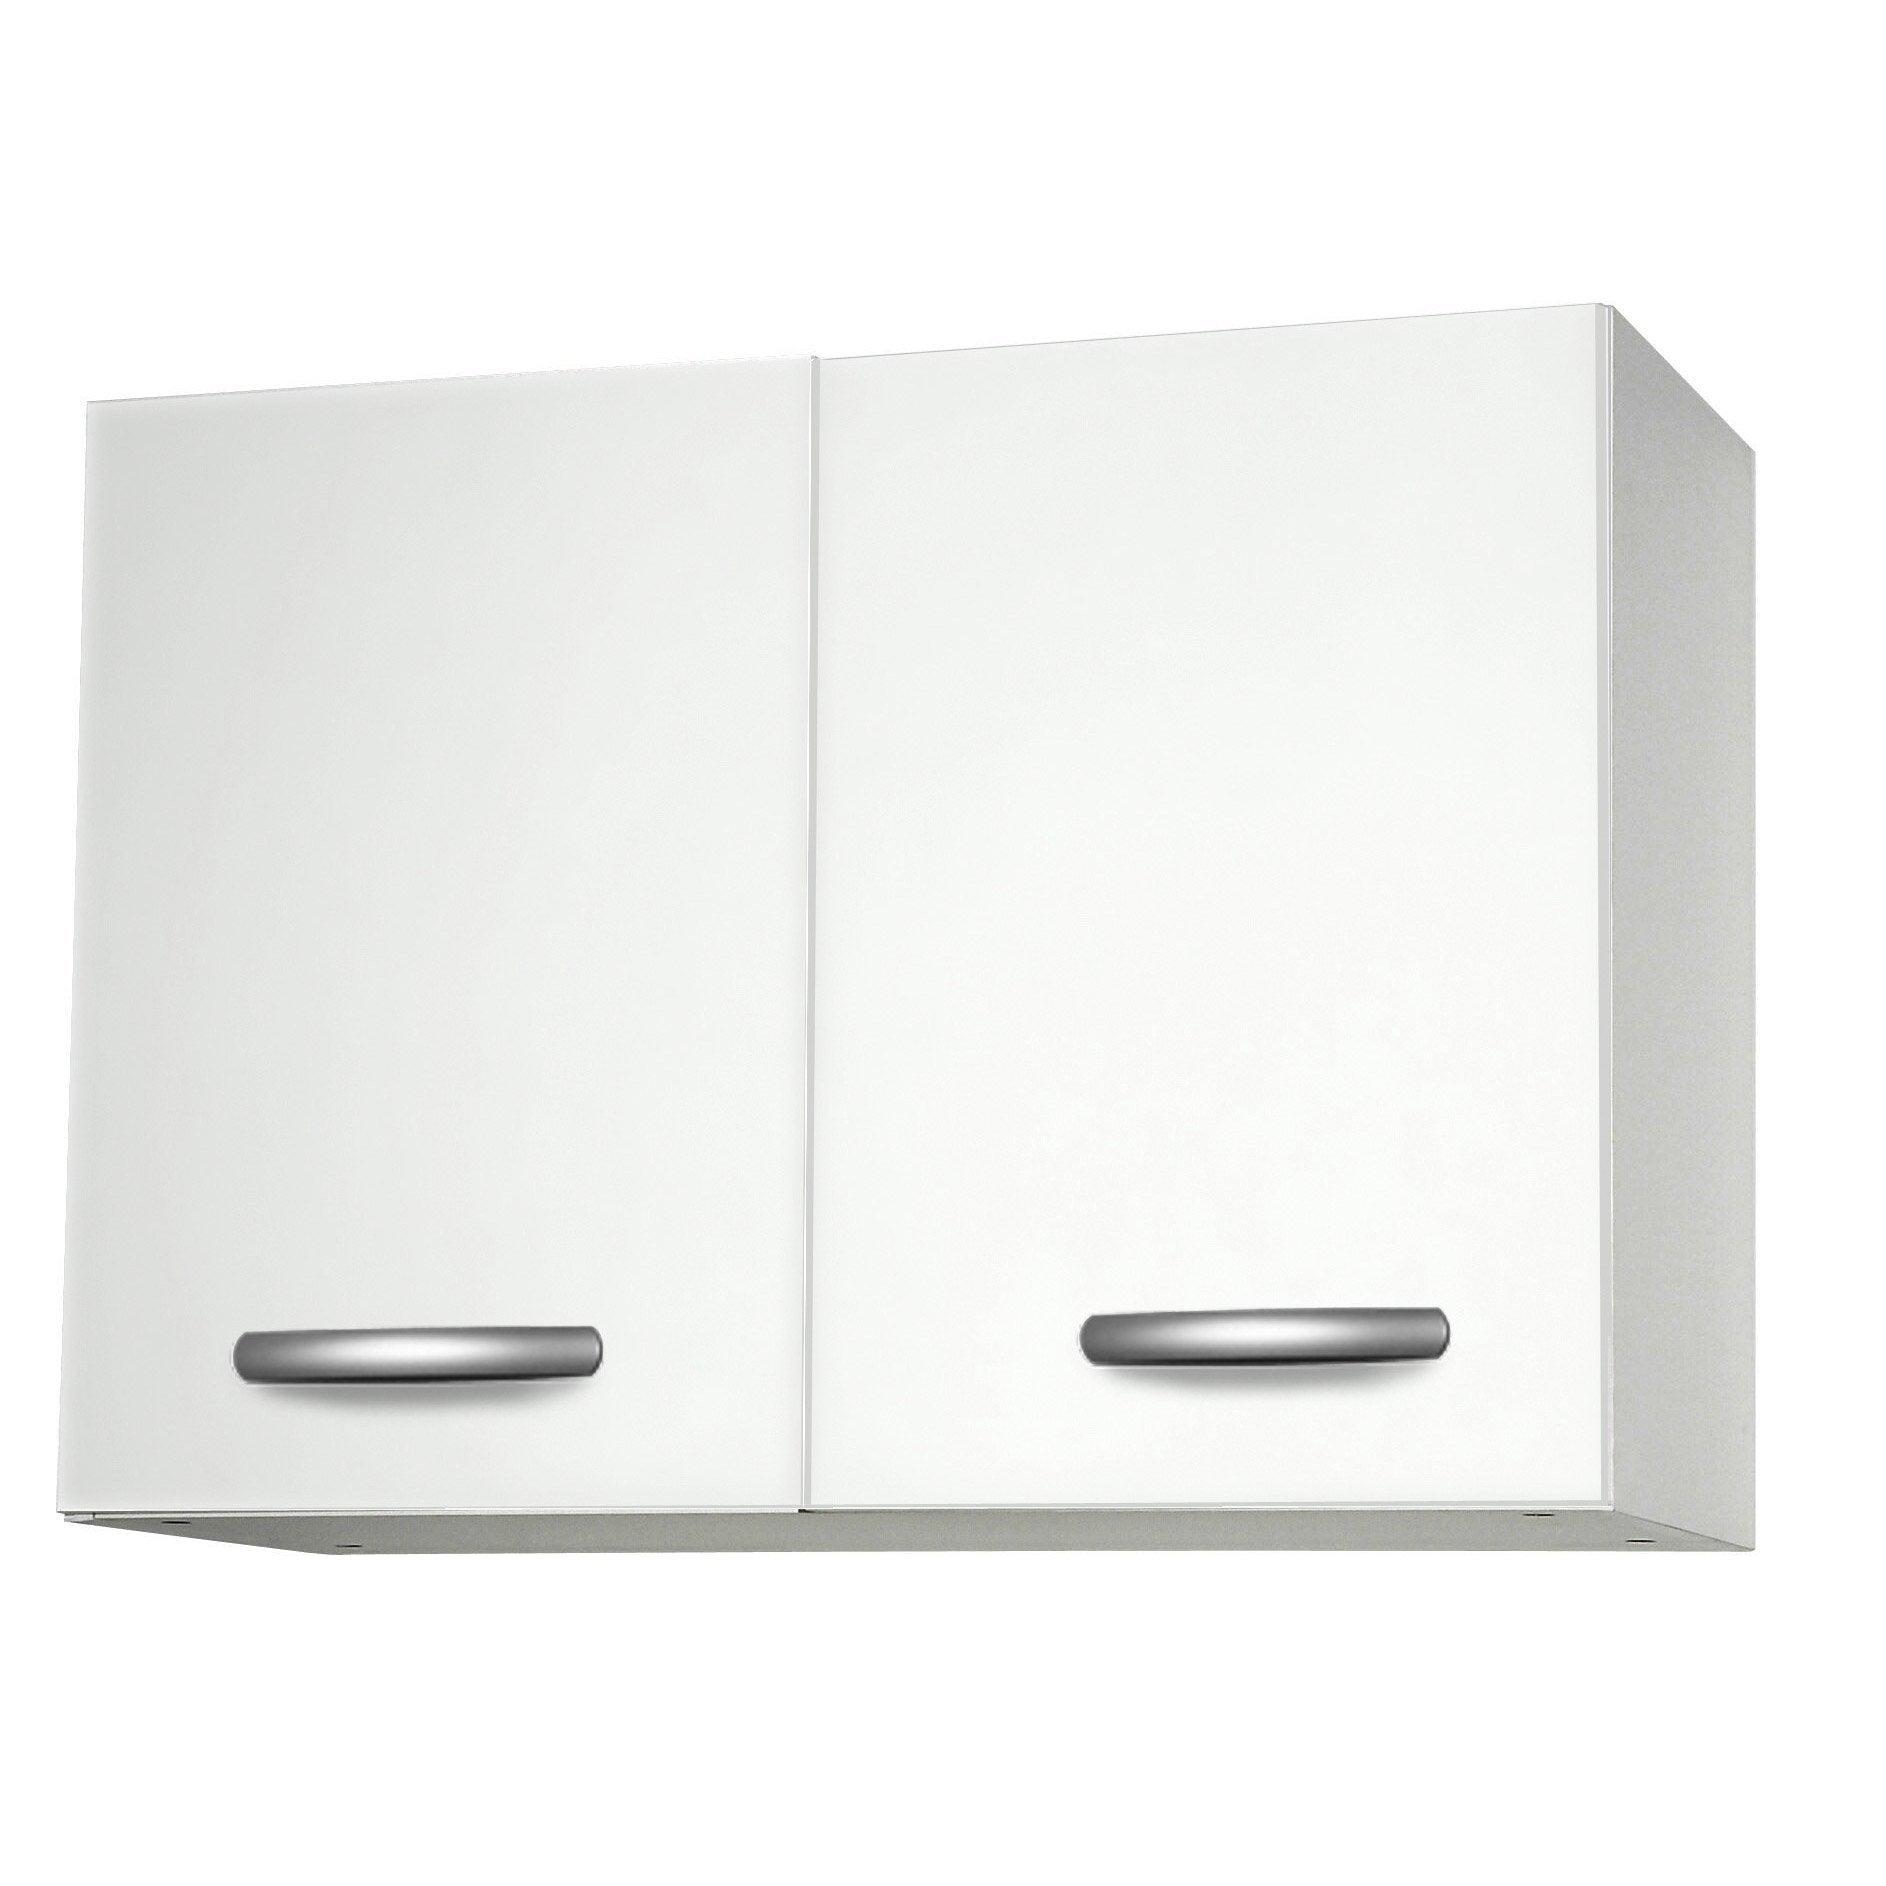 Meuble de cuisine haut 2 portes, blanc, h57.9x l80x p35.2cm   Leroy ...